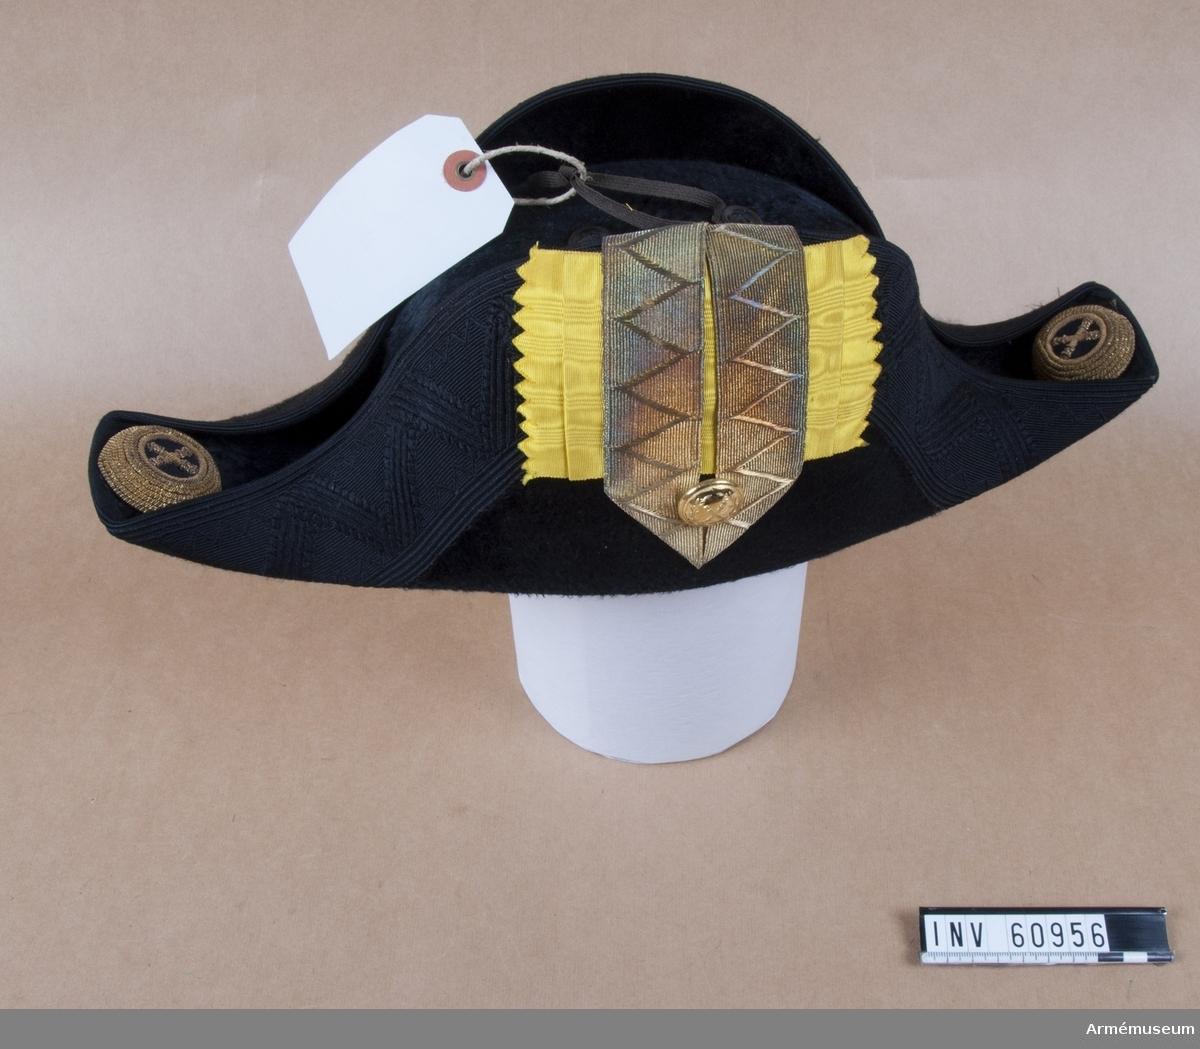 Grupp C I. Trekantig hatt med samhörande fodral. Ur uniform för överstelöjtnant vid Generalstaben, bestående av vapenrock, epåletter, ridbyxor, hatt, plym.